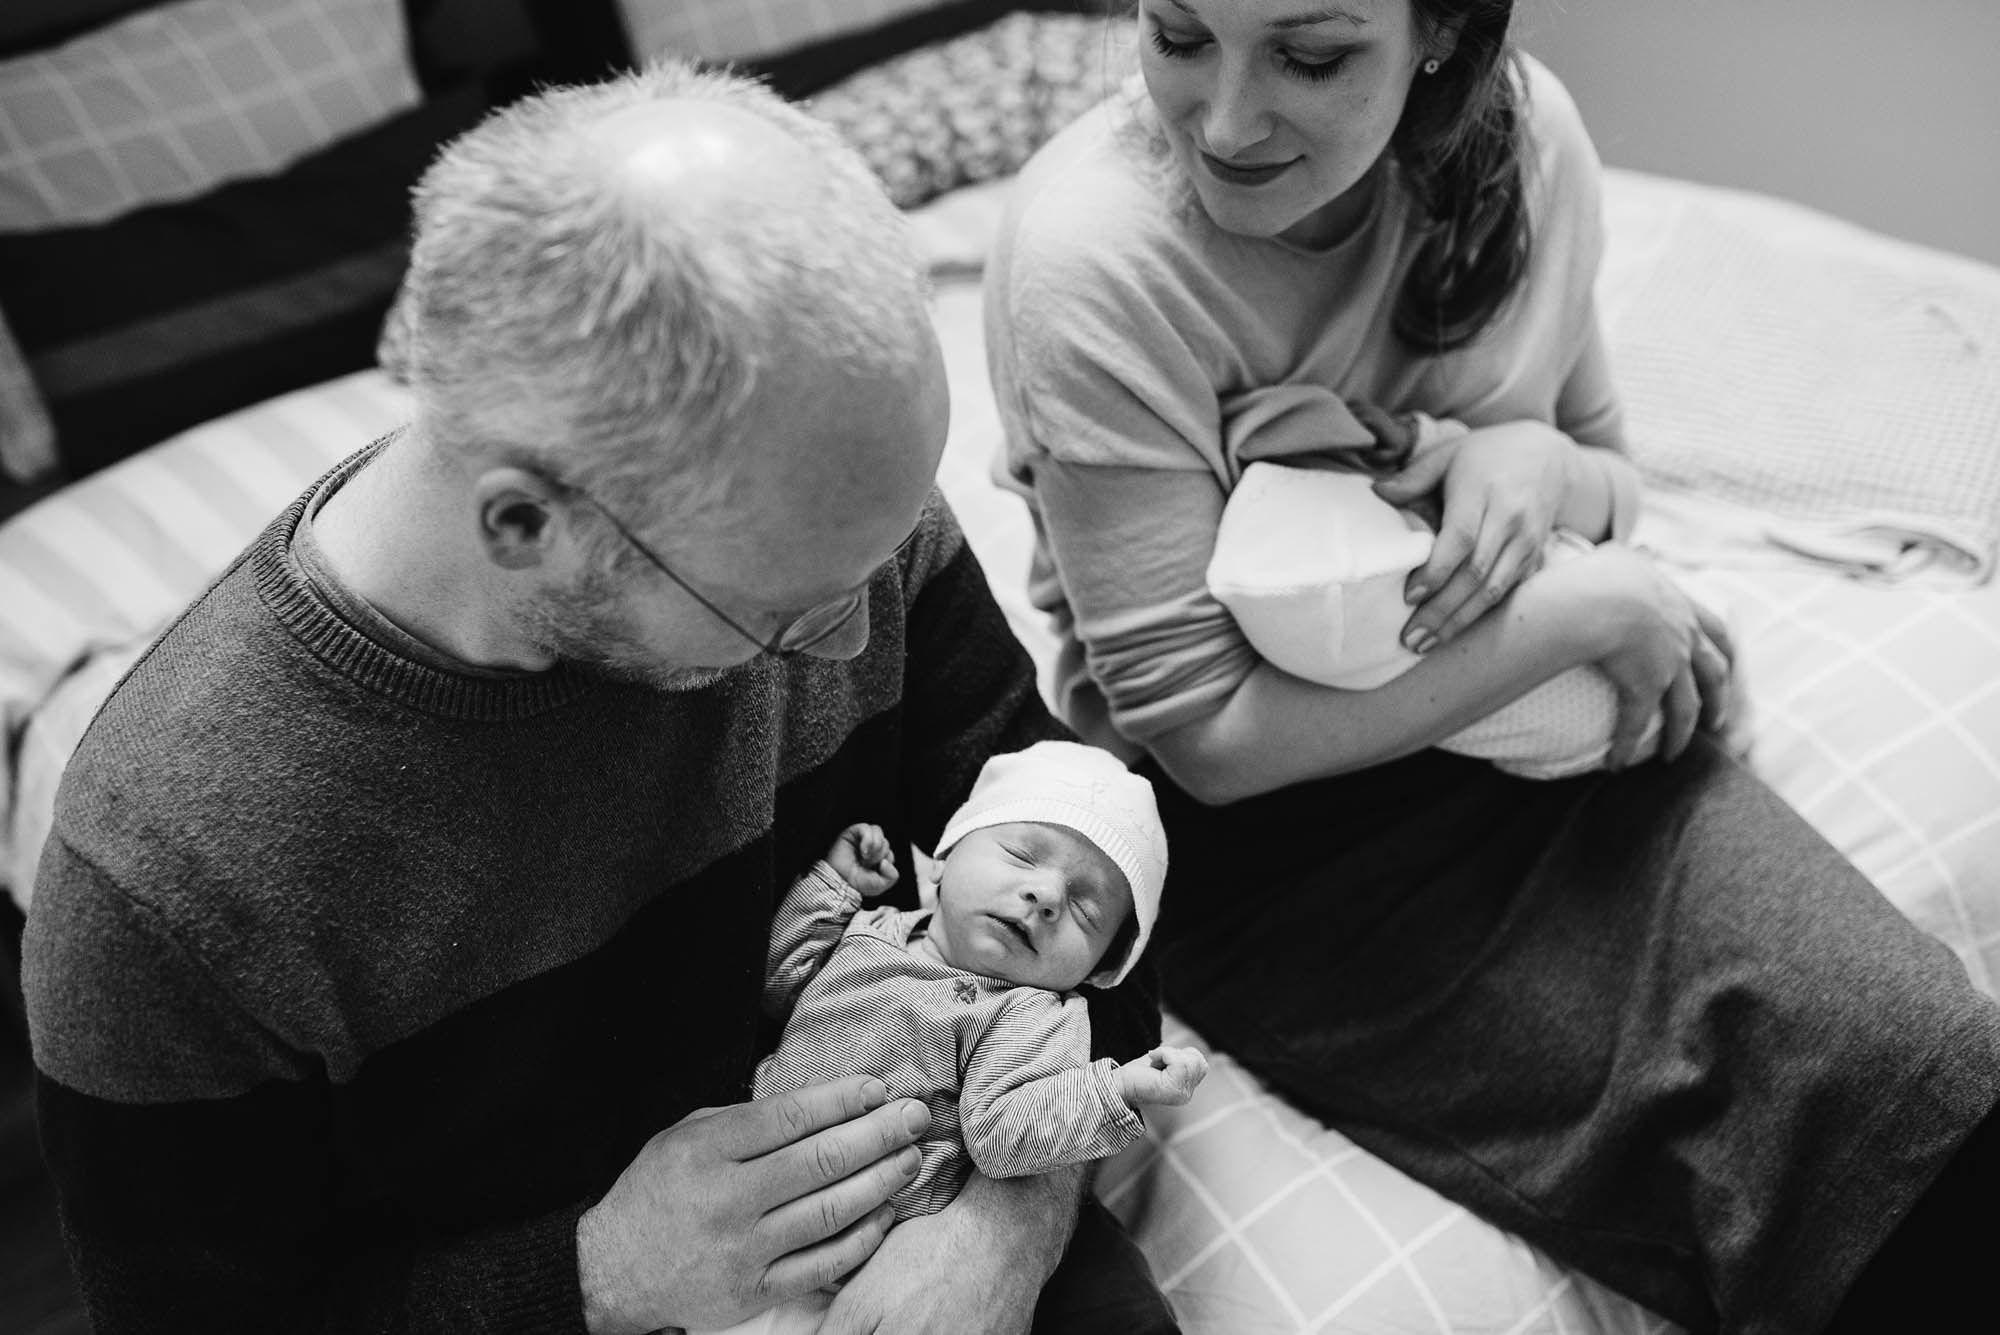 Newborn fotografie ongeposeerd tweeling newbornfotograaf Eindhoven 050.jpg